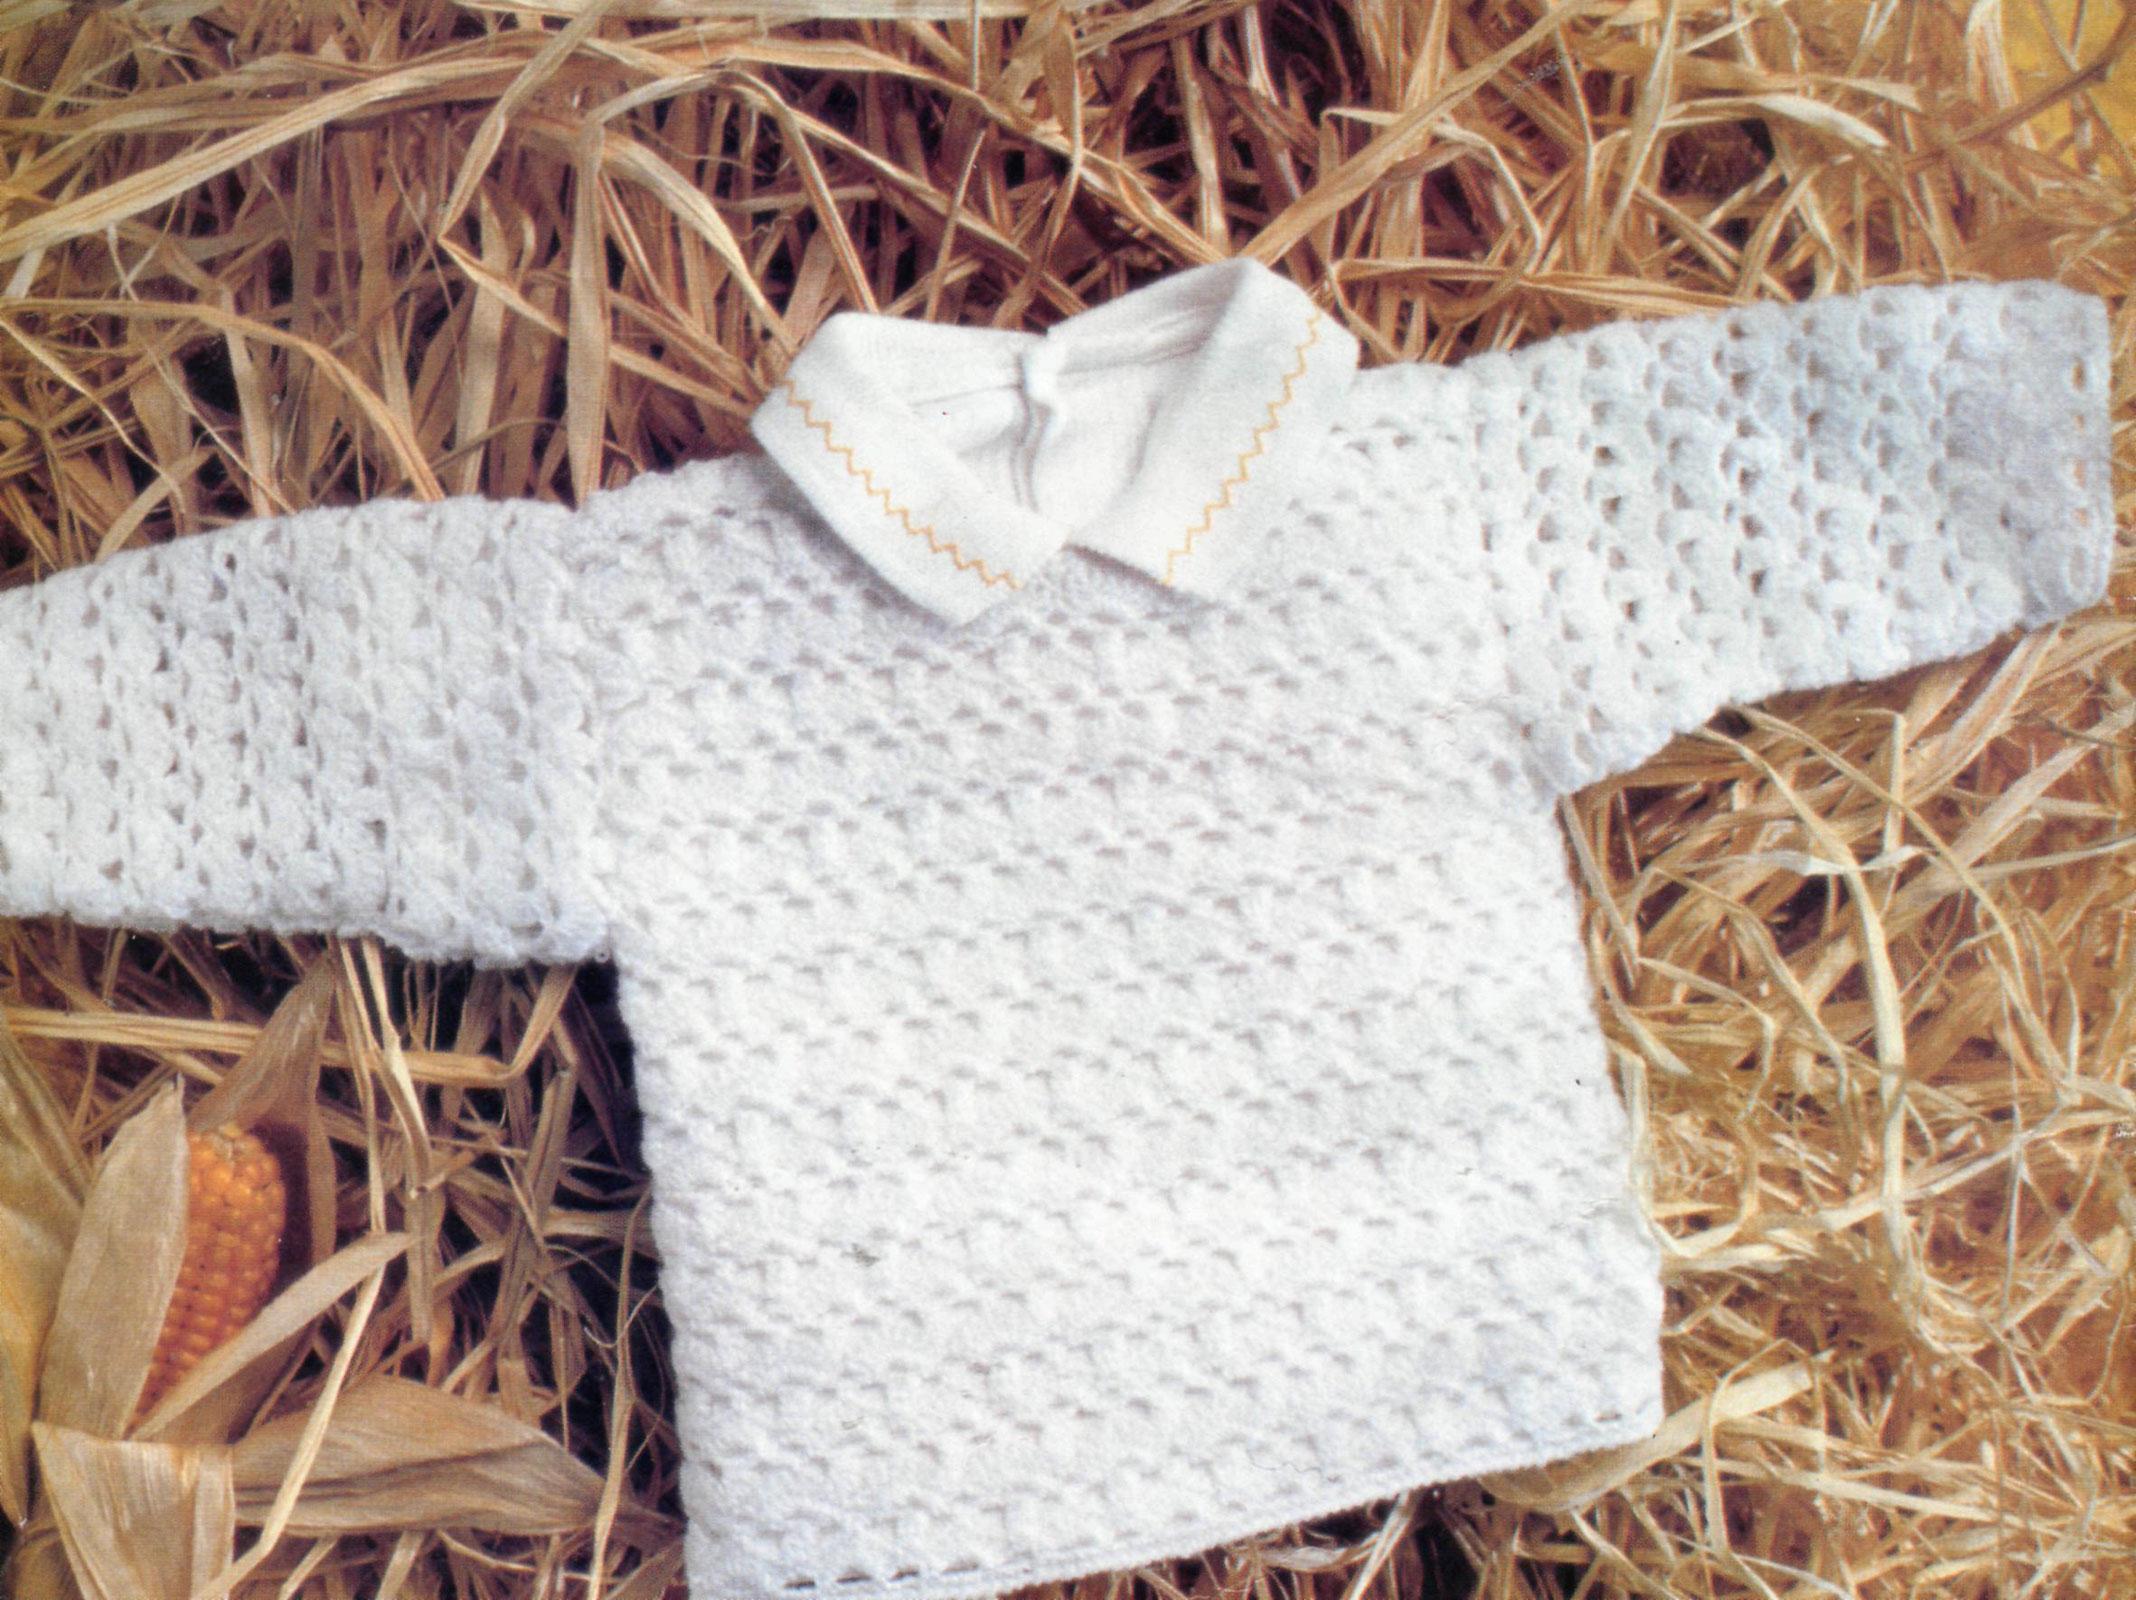 tığ ile örülen beyaz renkli delikli örgü bebek kazağı modeli